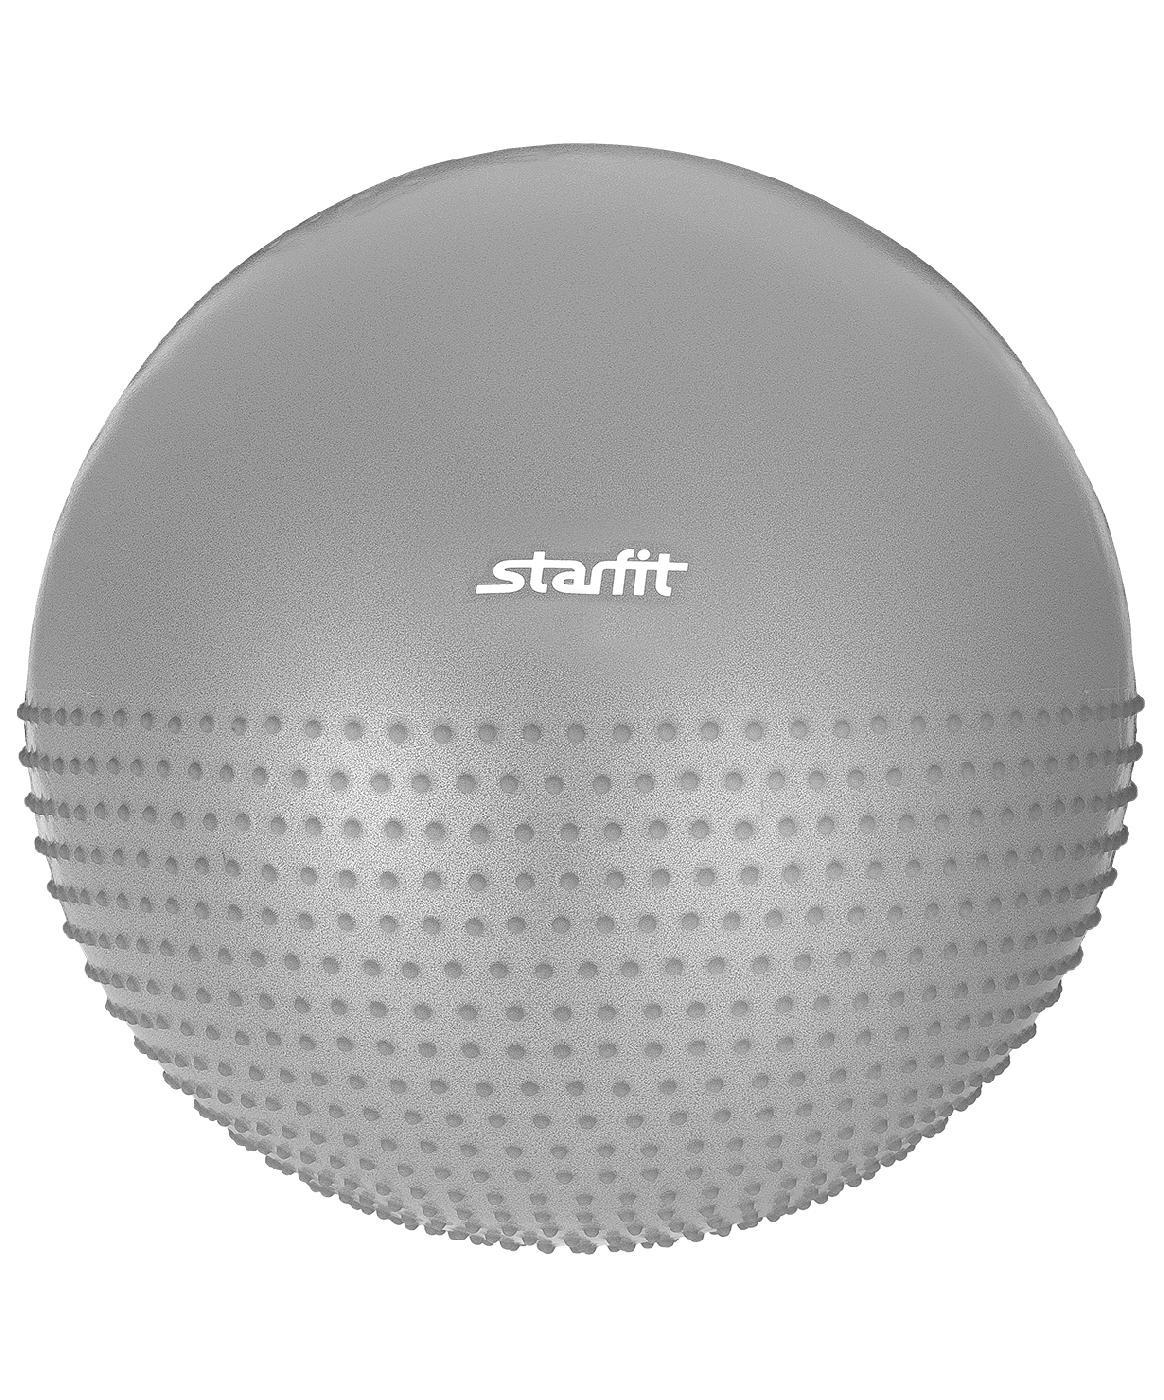 Мяч для фитнеса Starfit Мяч гимнастический полумассажный GB-201 65 см, антивзрыв, серый, серый цена